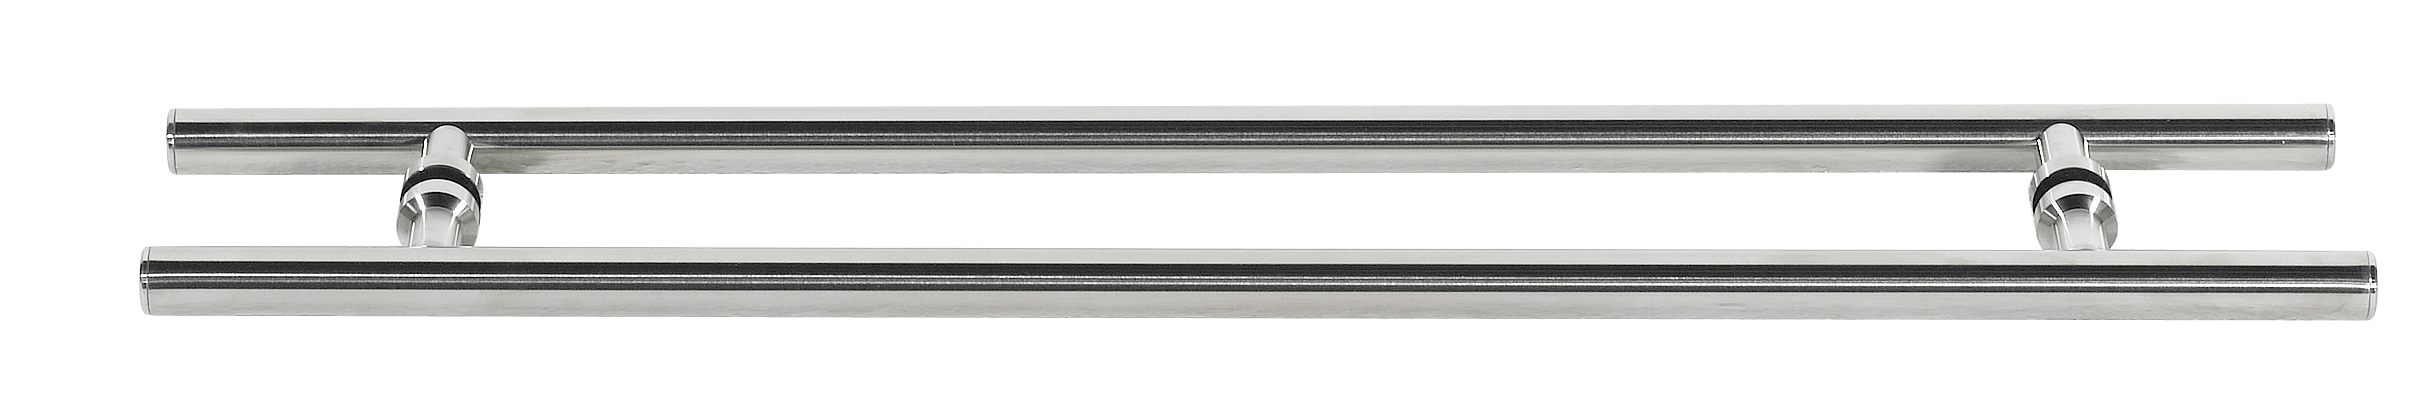 Modele de manere pentru usi din sticla SADEV DECOR - Poza 21